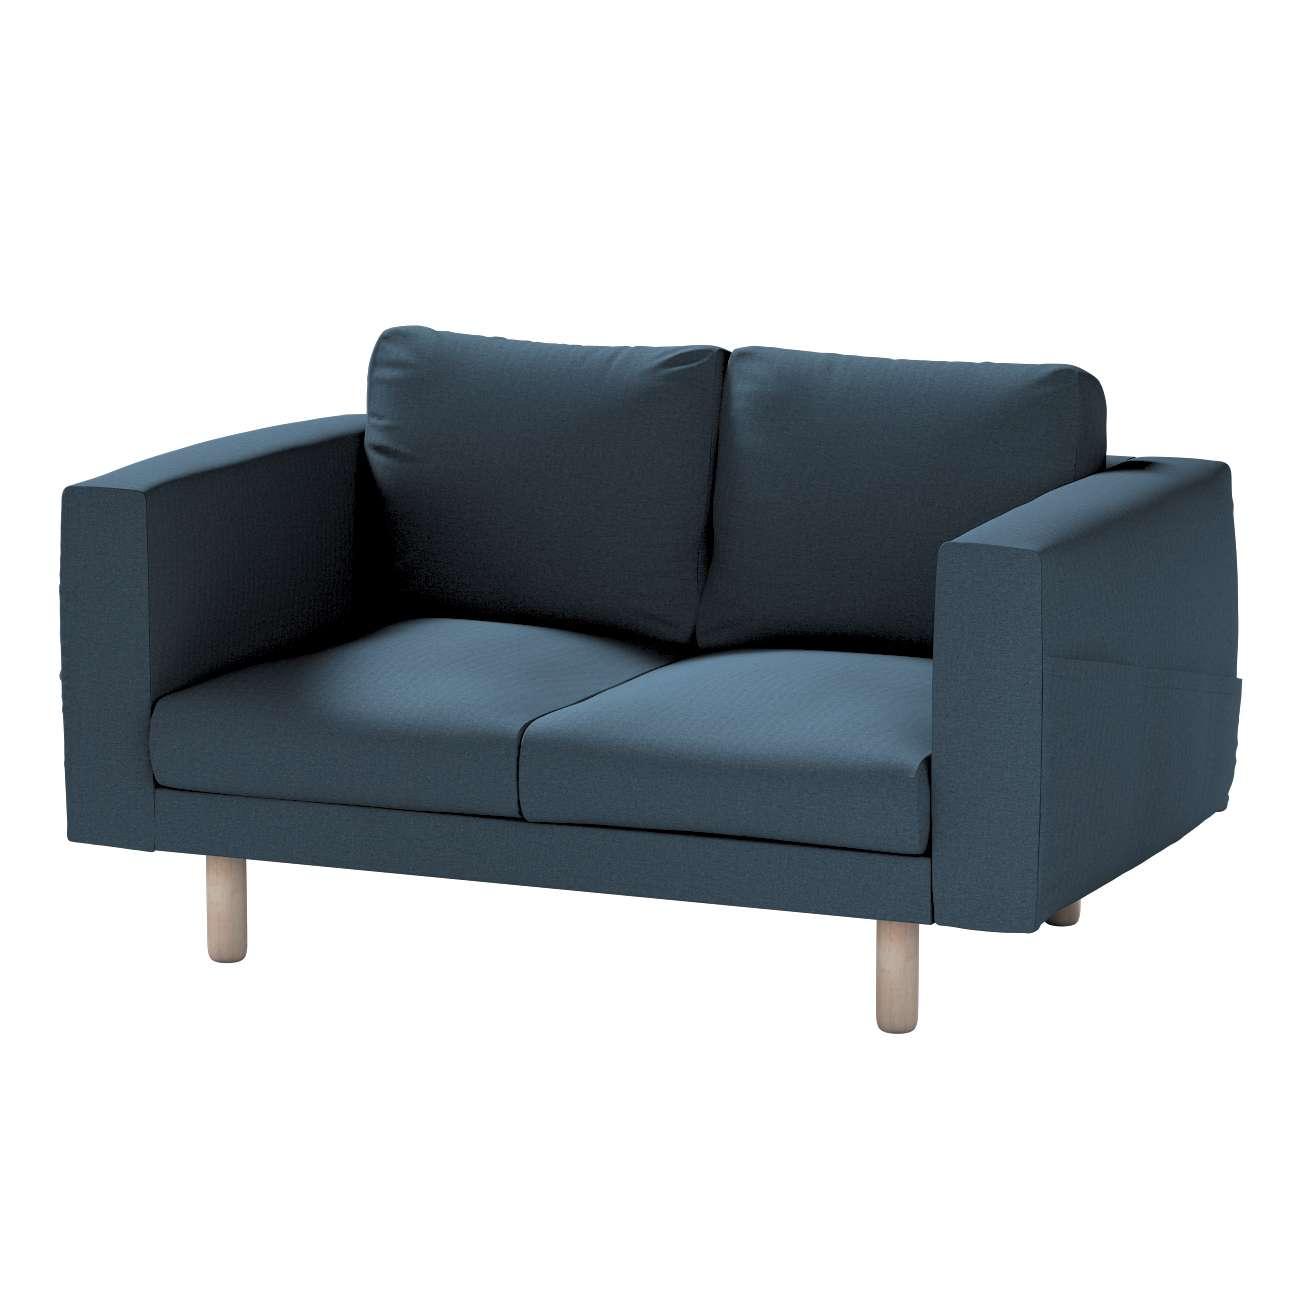 Pokrowiec na sofę Norsborg 2-osobową w kolekcji Etna, tkanina: 705-30